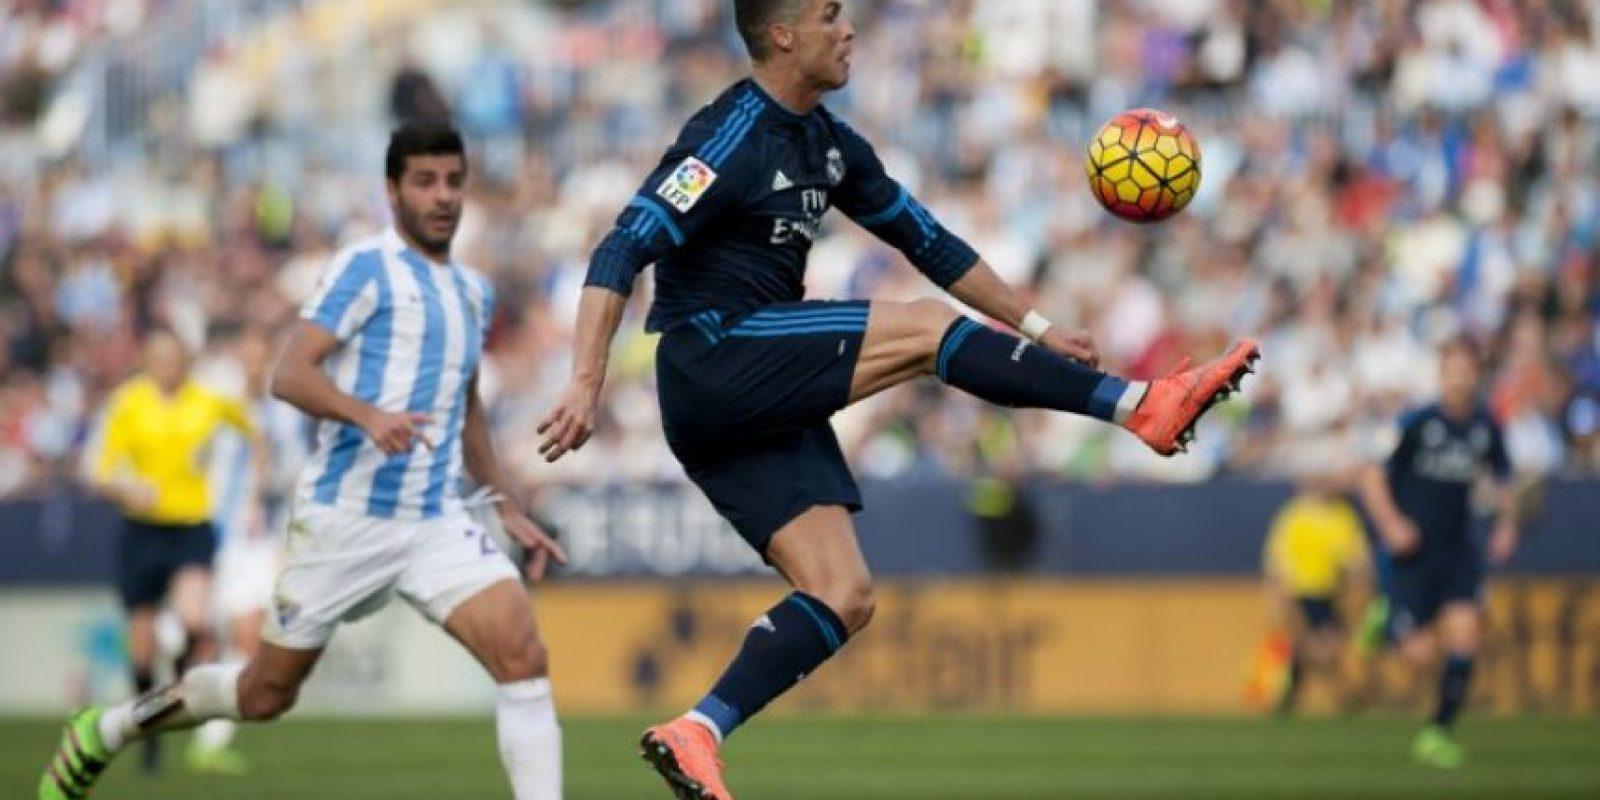 El portugués Cristiano Ronaldo domina un balón en un partido de La Liga entre el Real Madrid y el Málaga. Foto:AFP